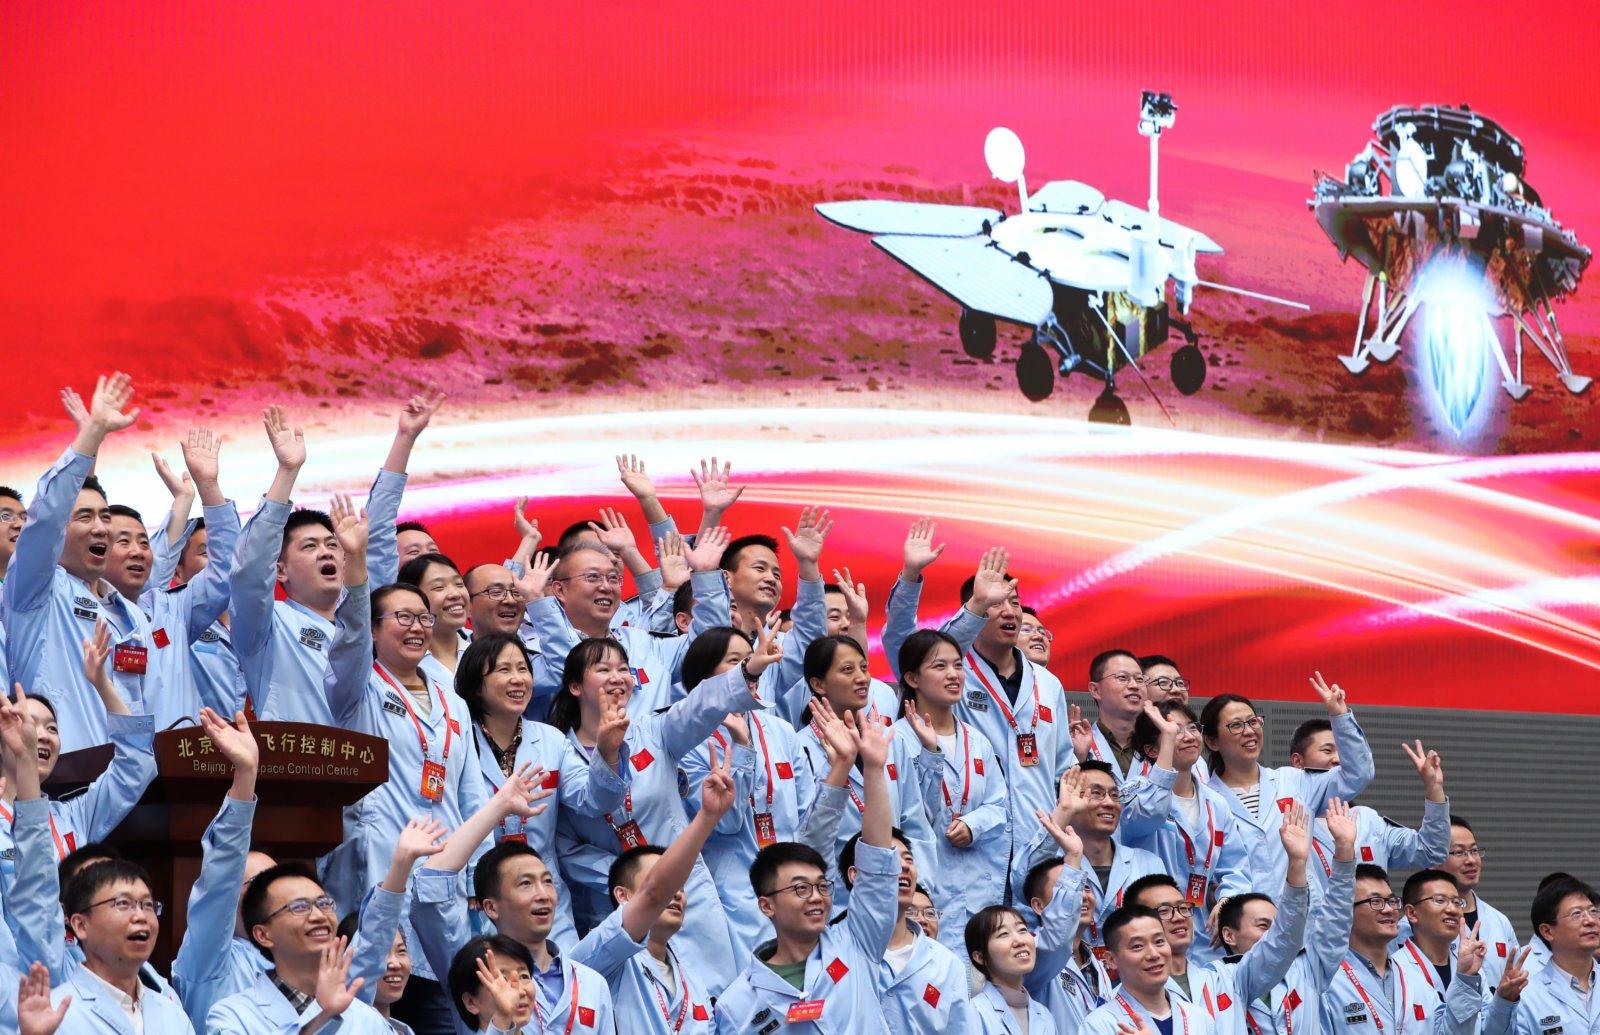 5月15日,航天科研人員在北京航天飛行控制中心指揮大廳慶祝我國首次火星探測任務着陸火星成功。新華社